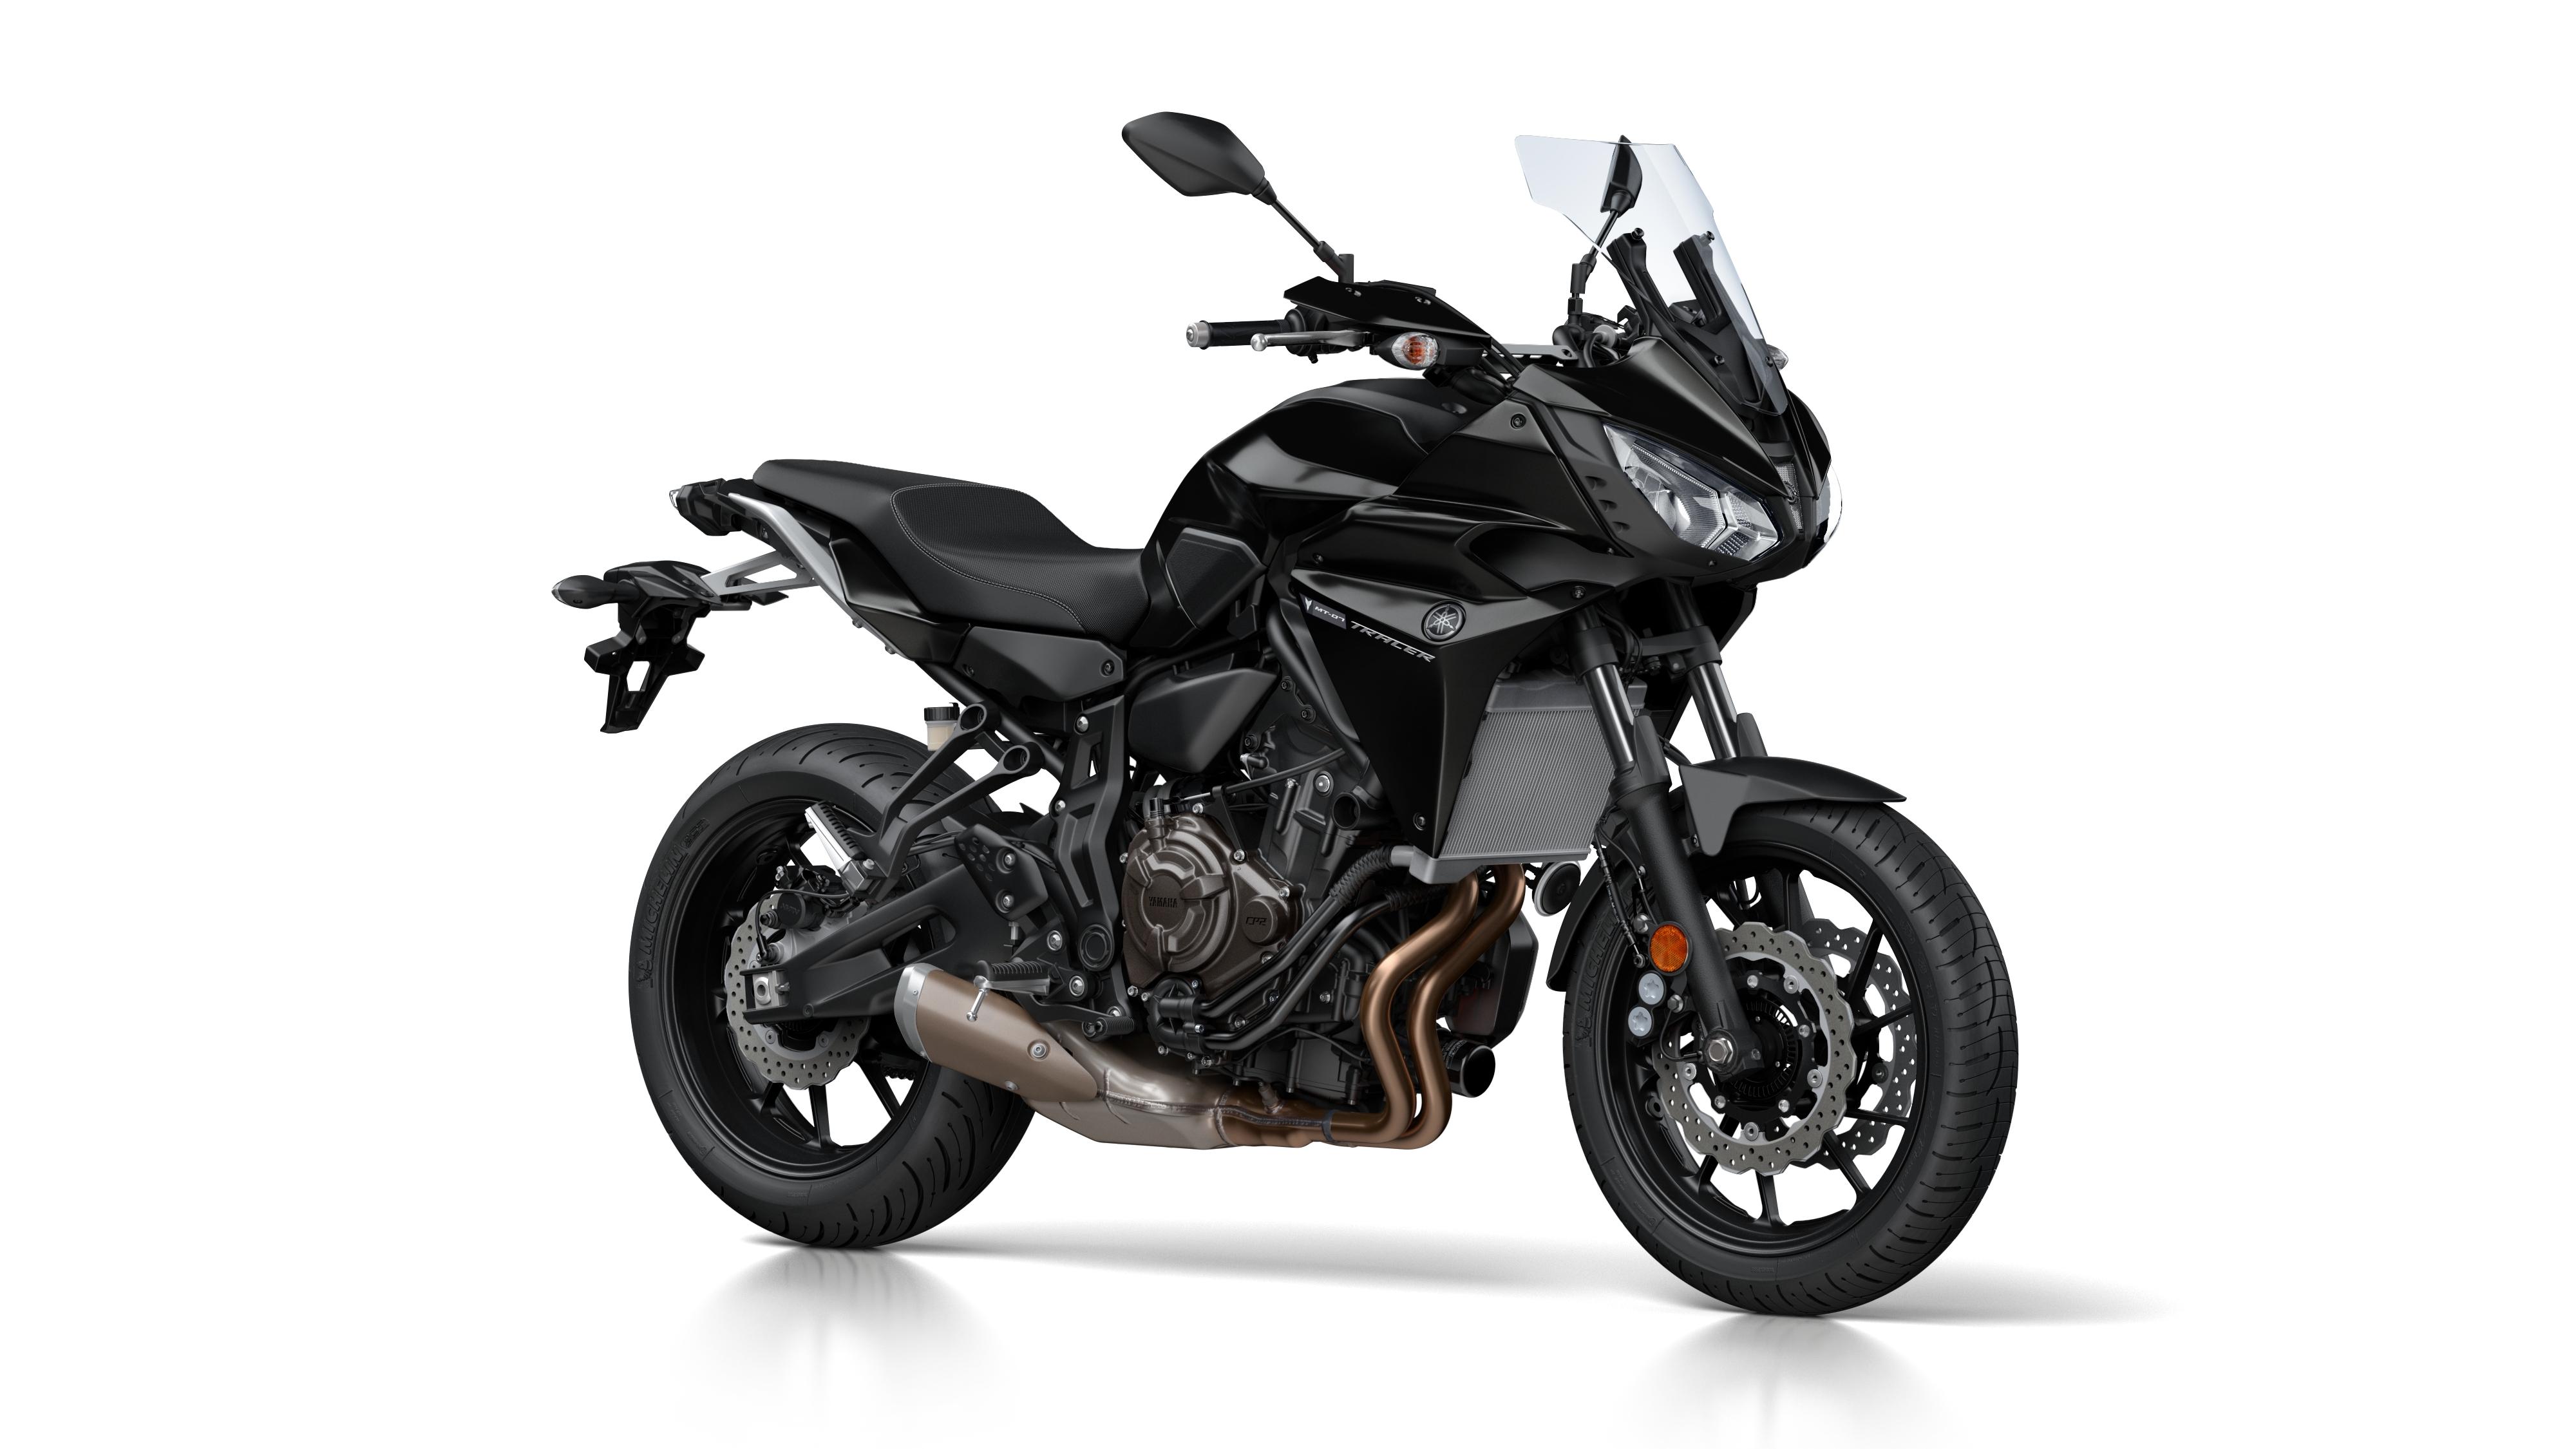 Yamaha Tracer 700 revealed